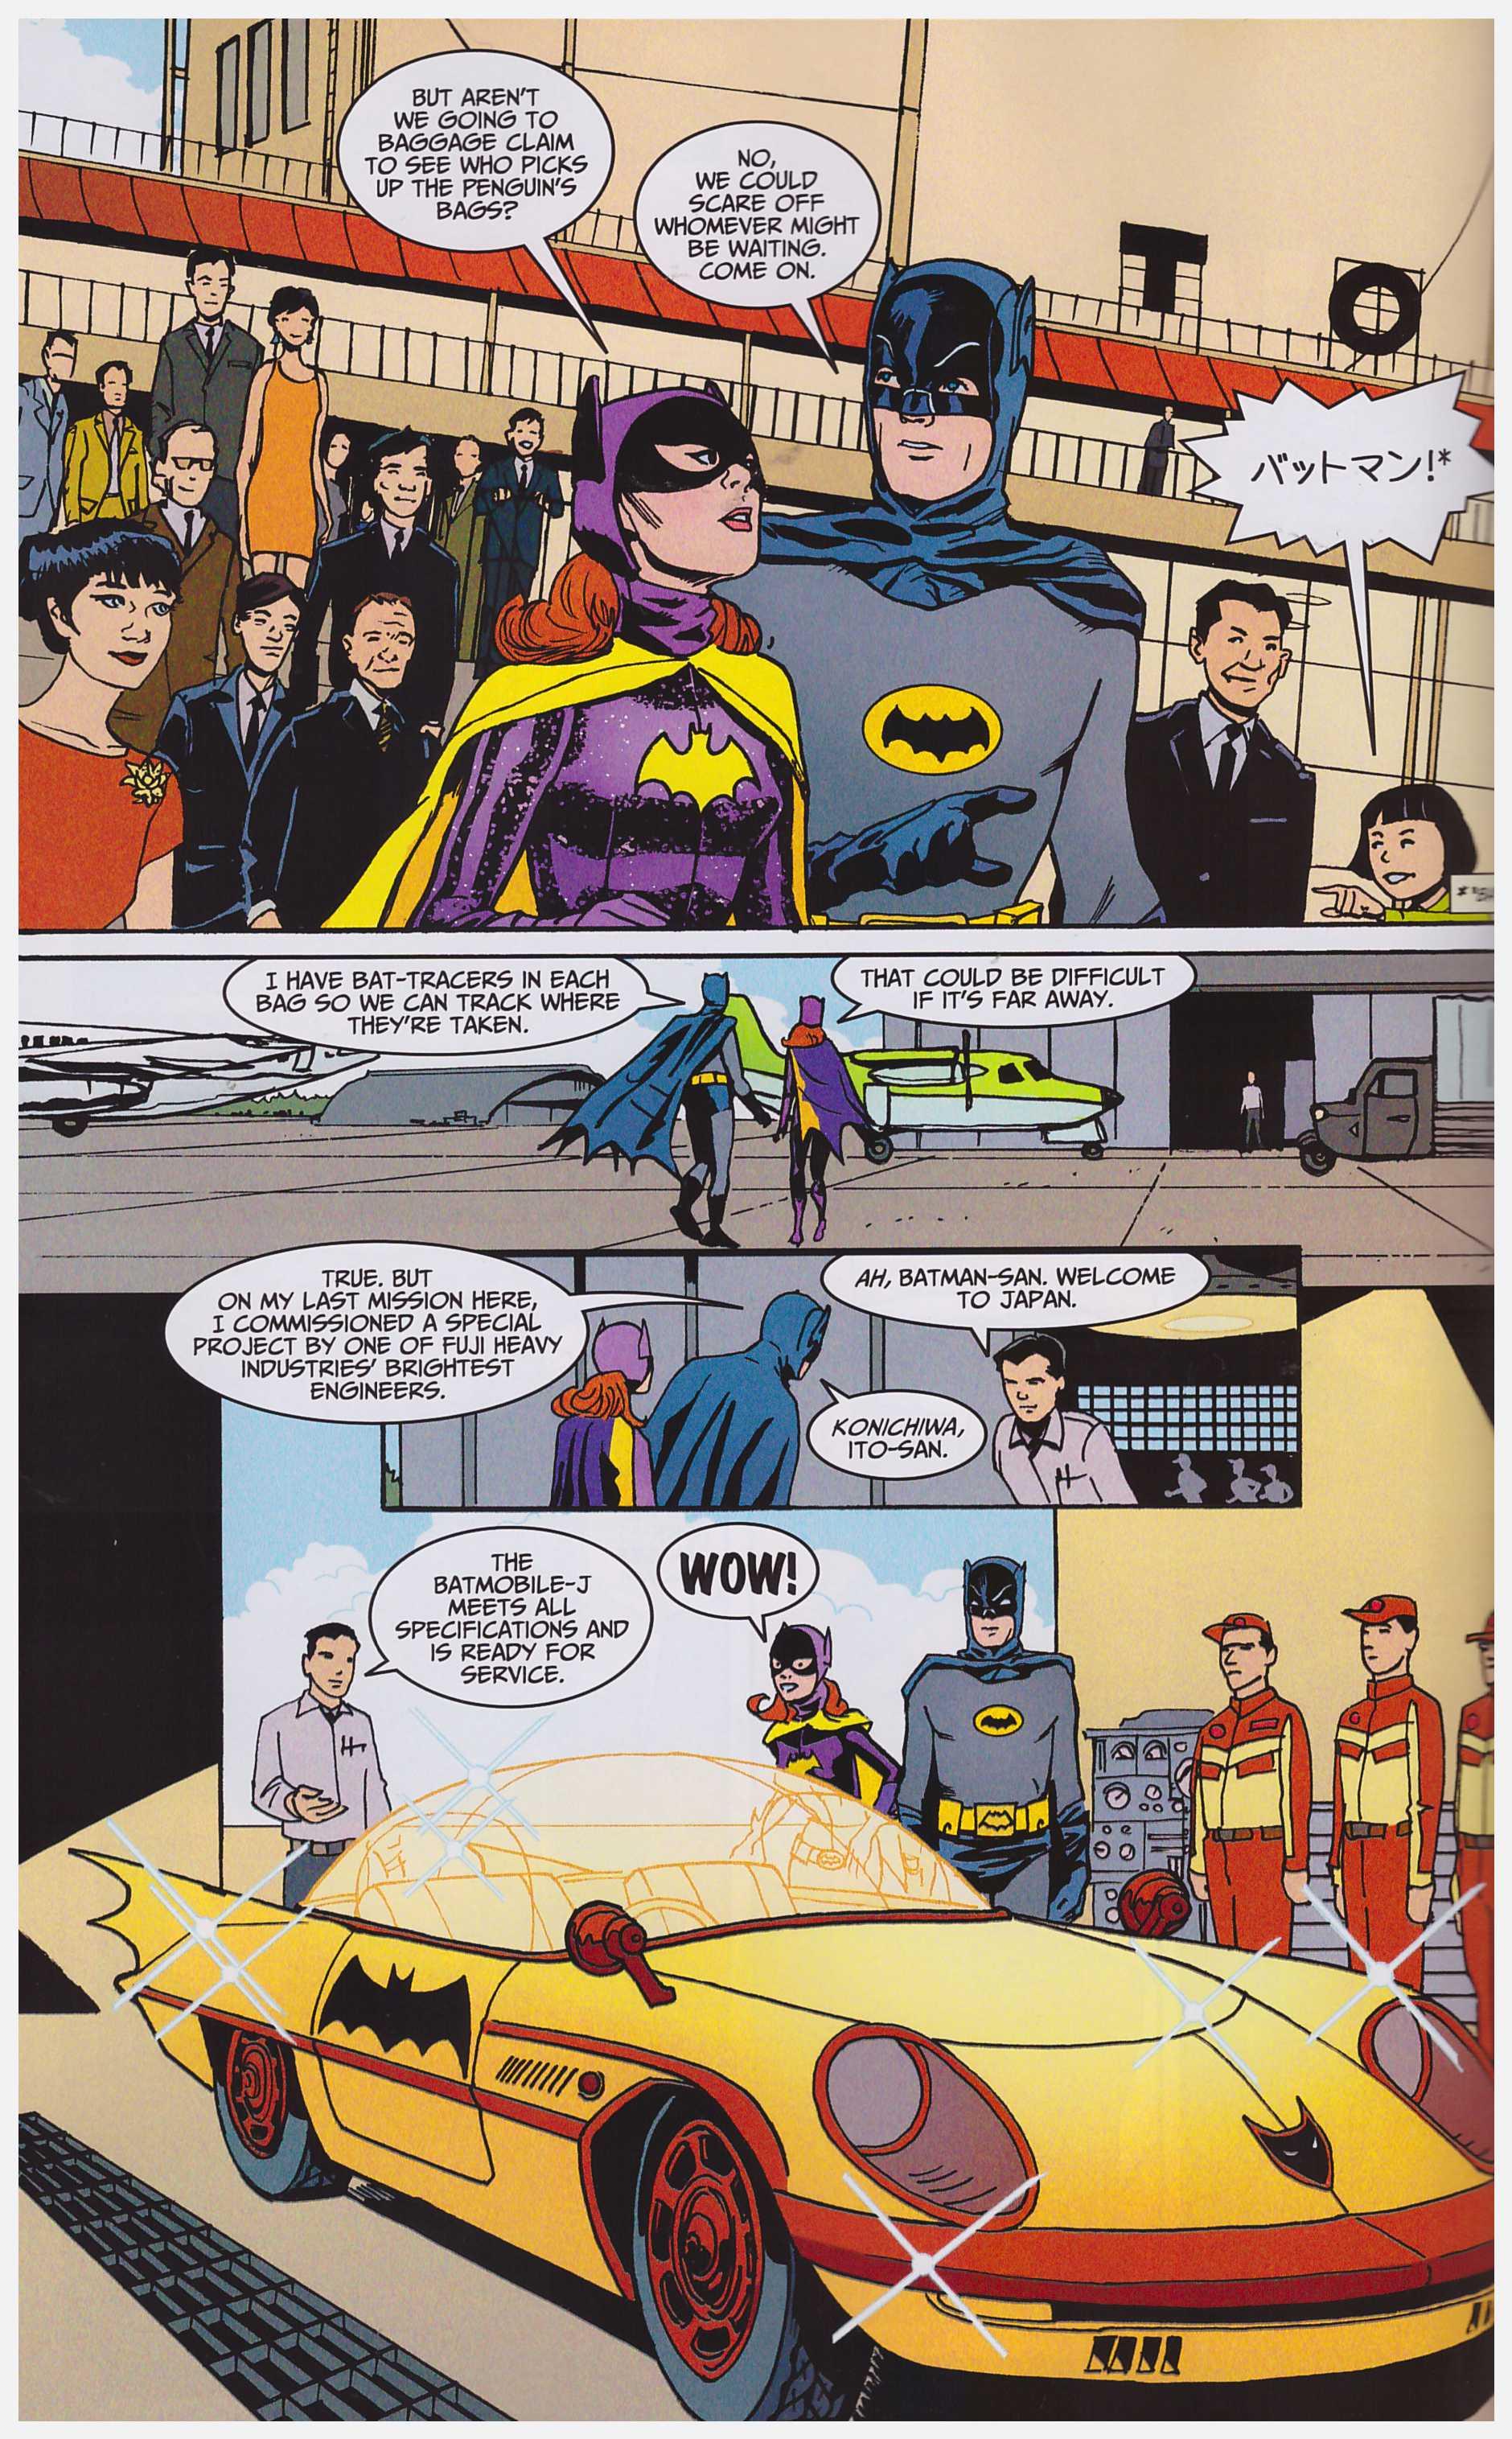 Batman'66 vol 4 review